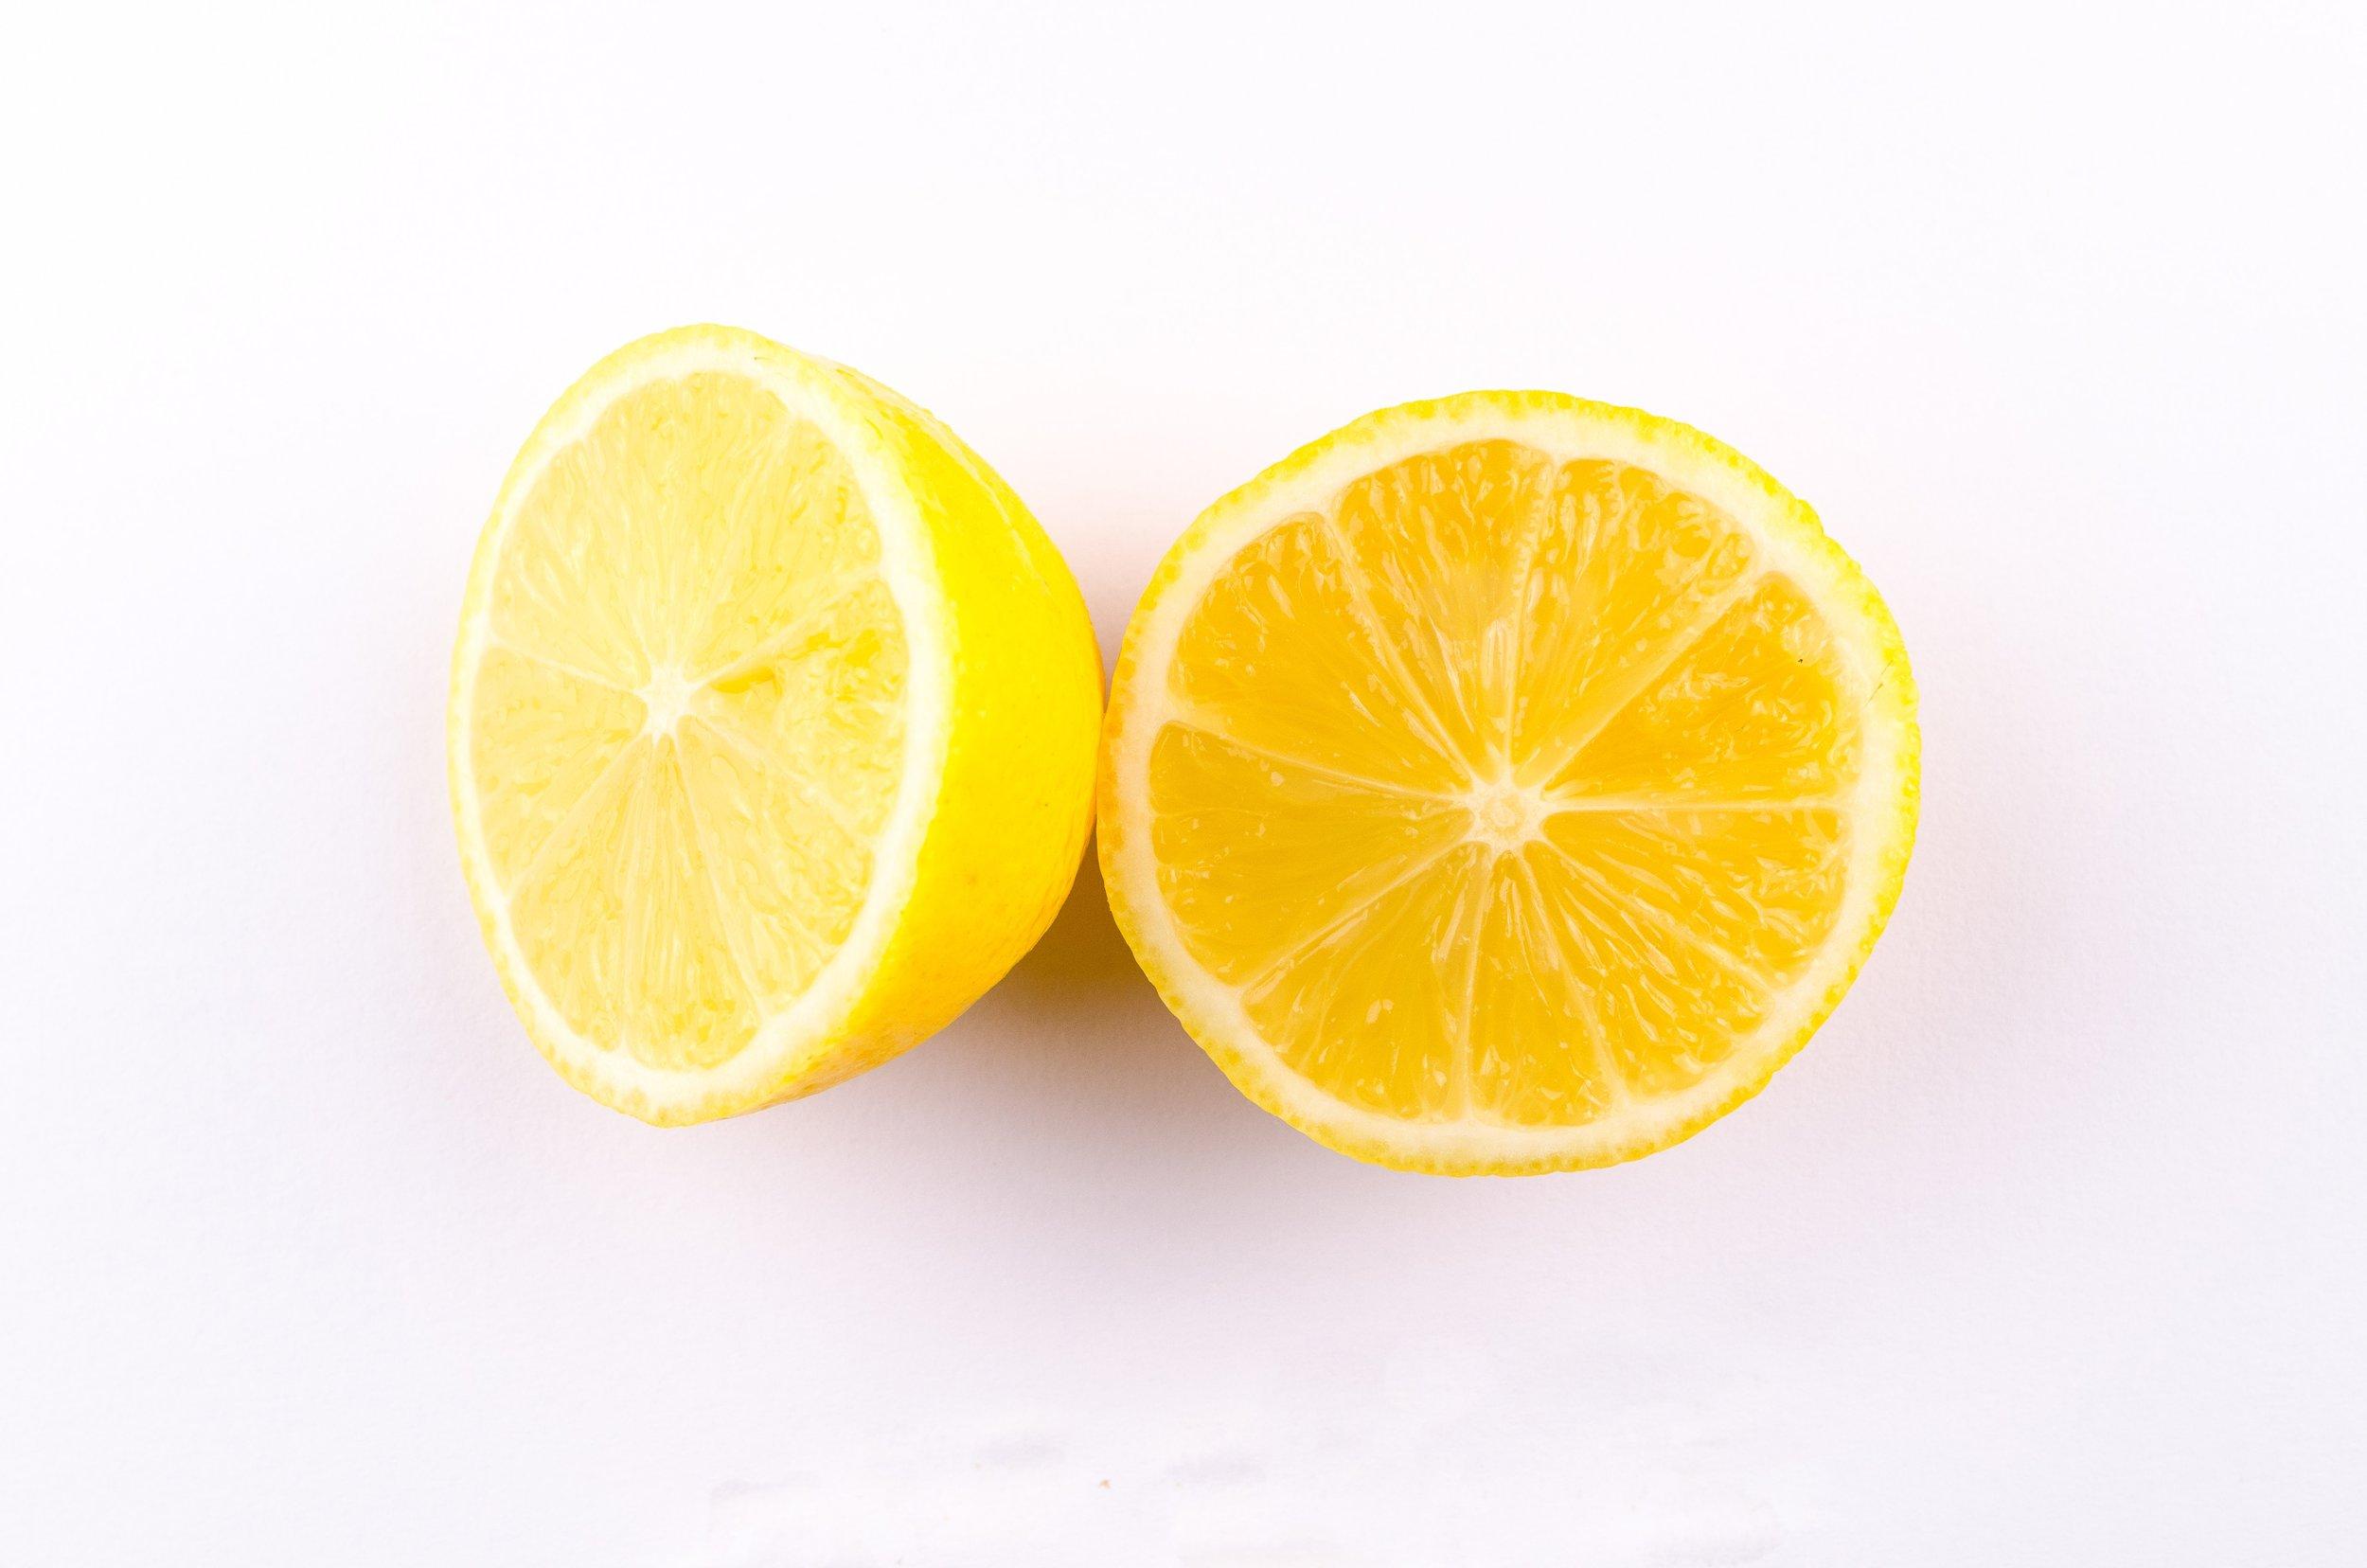 bright-citrus-close-up-1414110.jpg